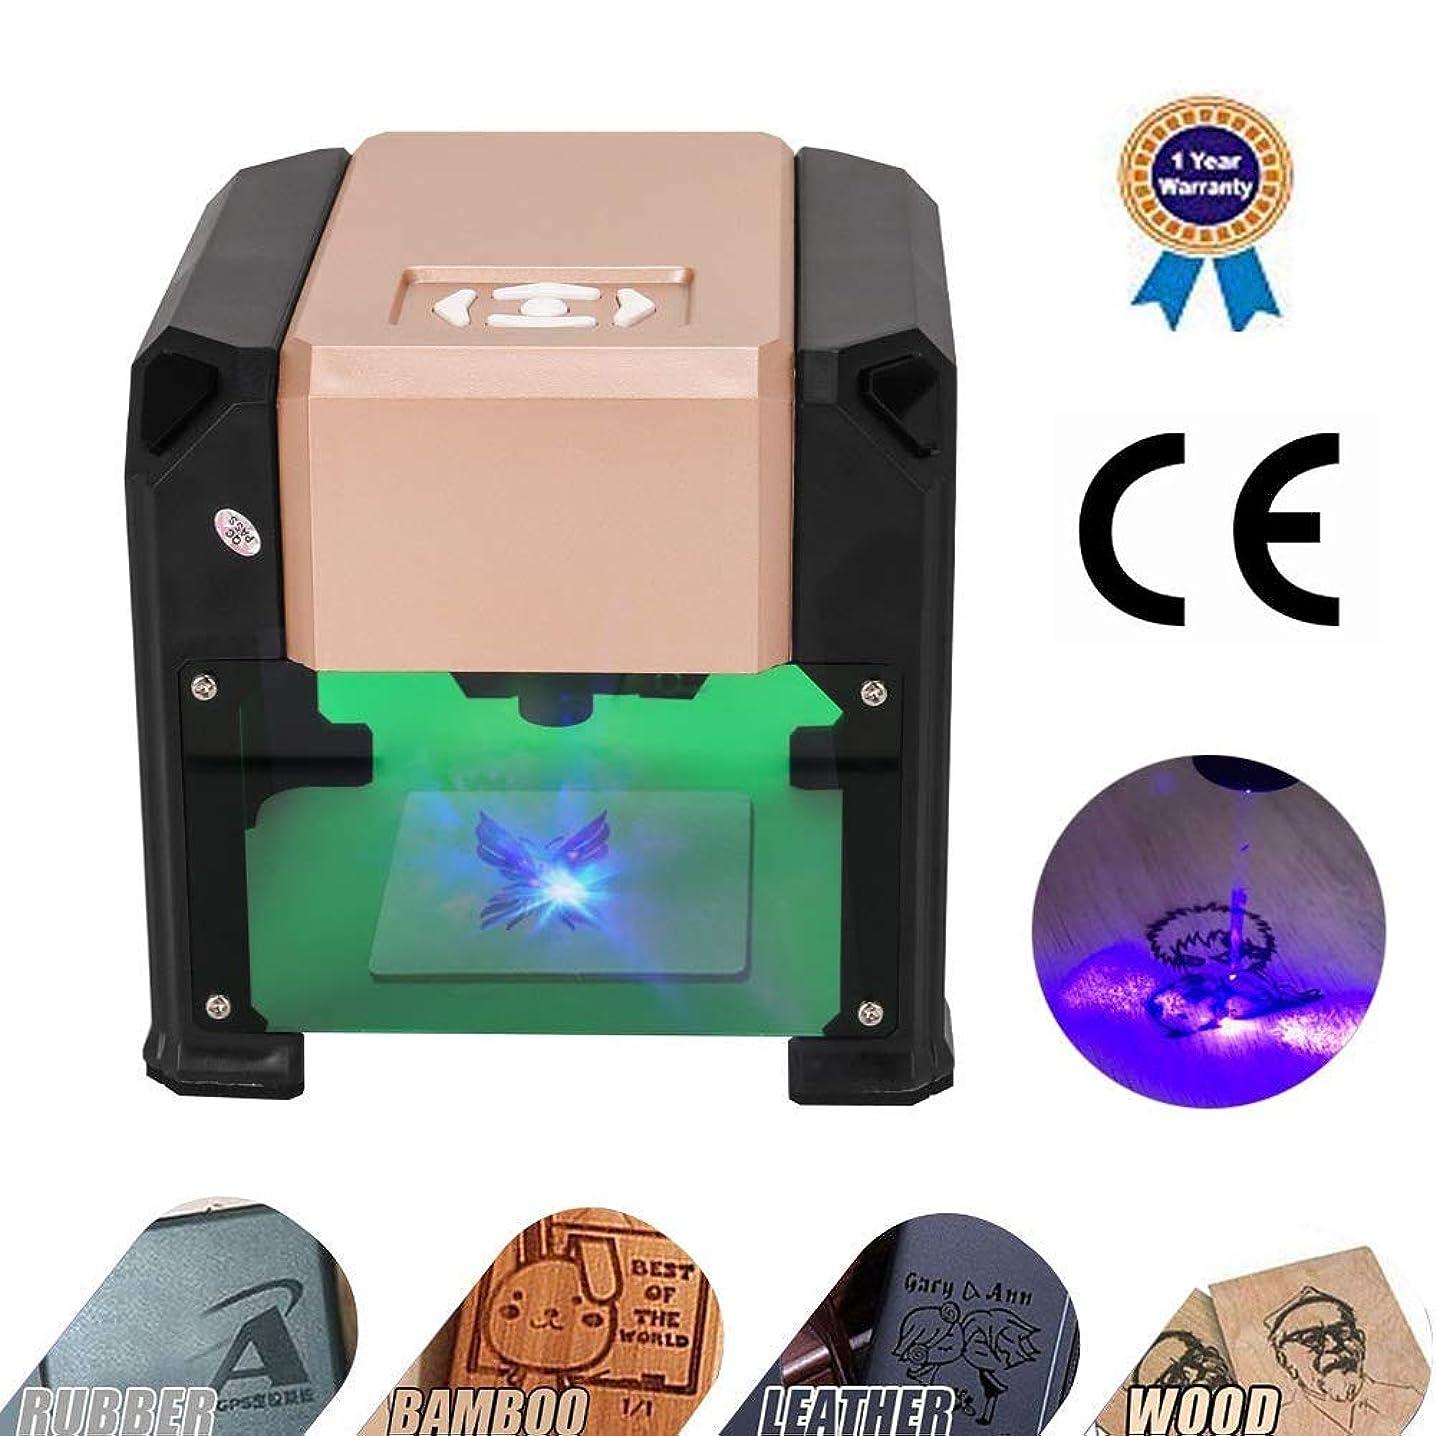 お客様霧最近Smartlife レーザー彫刻機、3000MWレーザー彫刻機ミニ卓上レーザー彫刻機DIYロゴレーザー彫版機7.5x7.5 CM